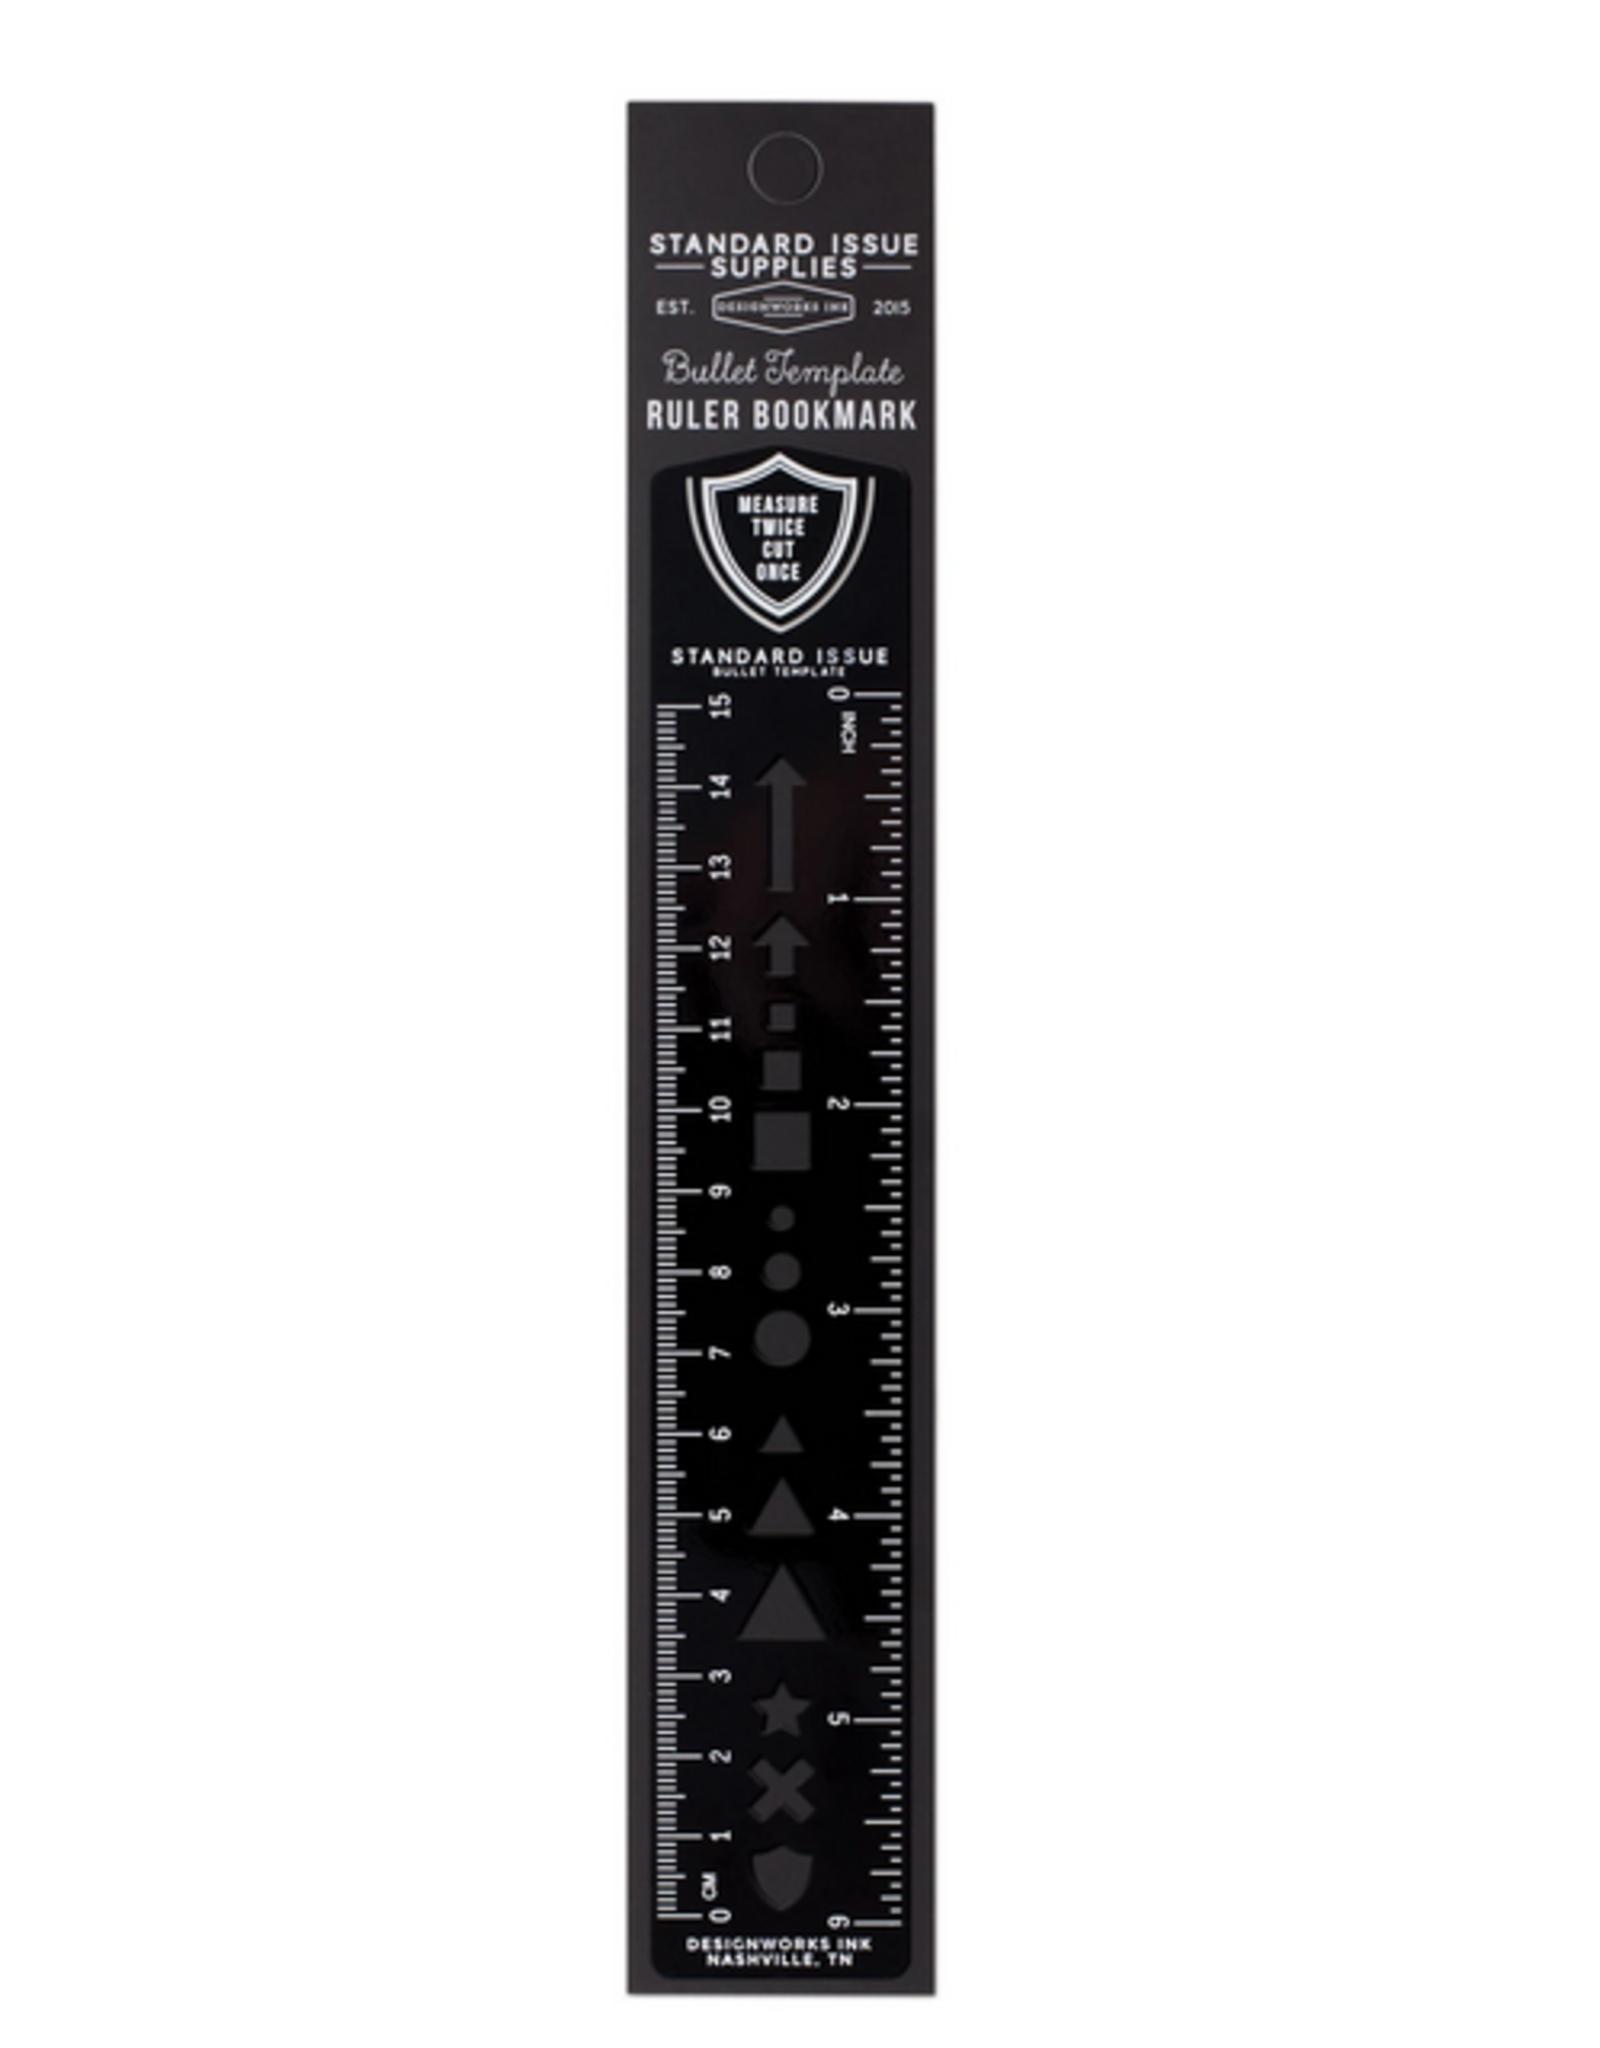 Bullet Template Ruler Bookmark - Black